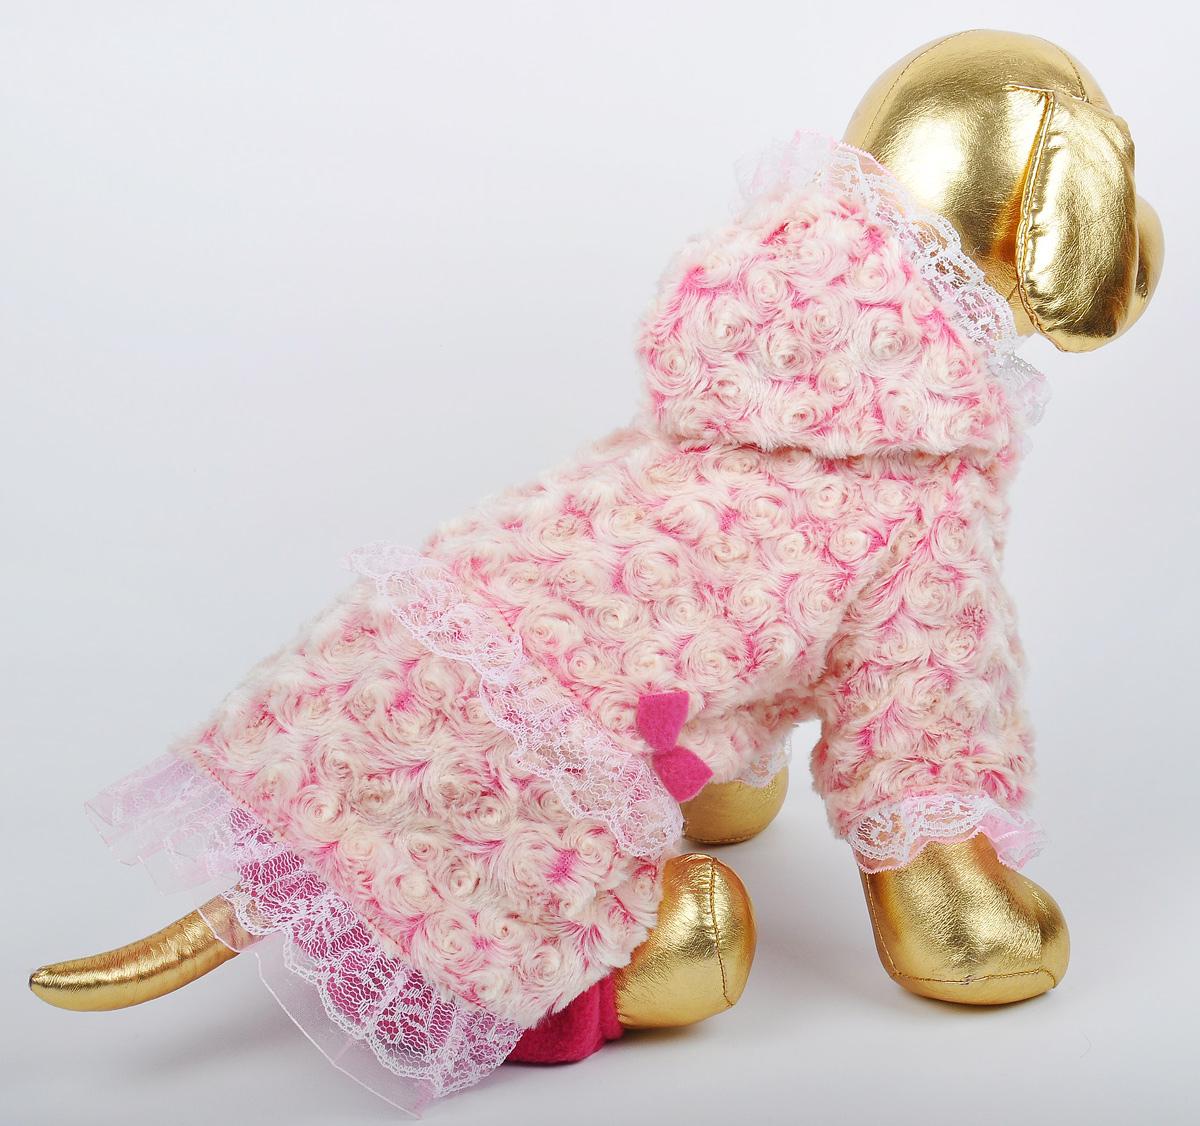 Шубка для собак GLG, цвет: розовый. Размер MDM-160331_бежевыйШубка для собак GLG выполнена из полиэстера и синтепона. Длинные рукава не ограничивают свободу движений, и собачка будет чувствовать себя в нем комфортно. Изделие застегивается с помощью кнопок..Модная и невероятно удобная шубка защитит вашего питомца от прохладной погоды .Длина спины: 27-29 см Обхват груди: 37-39 см.